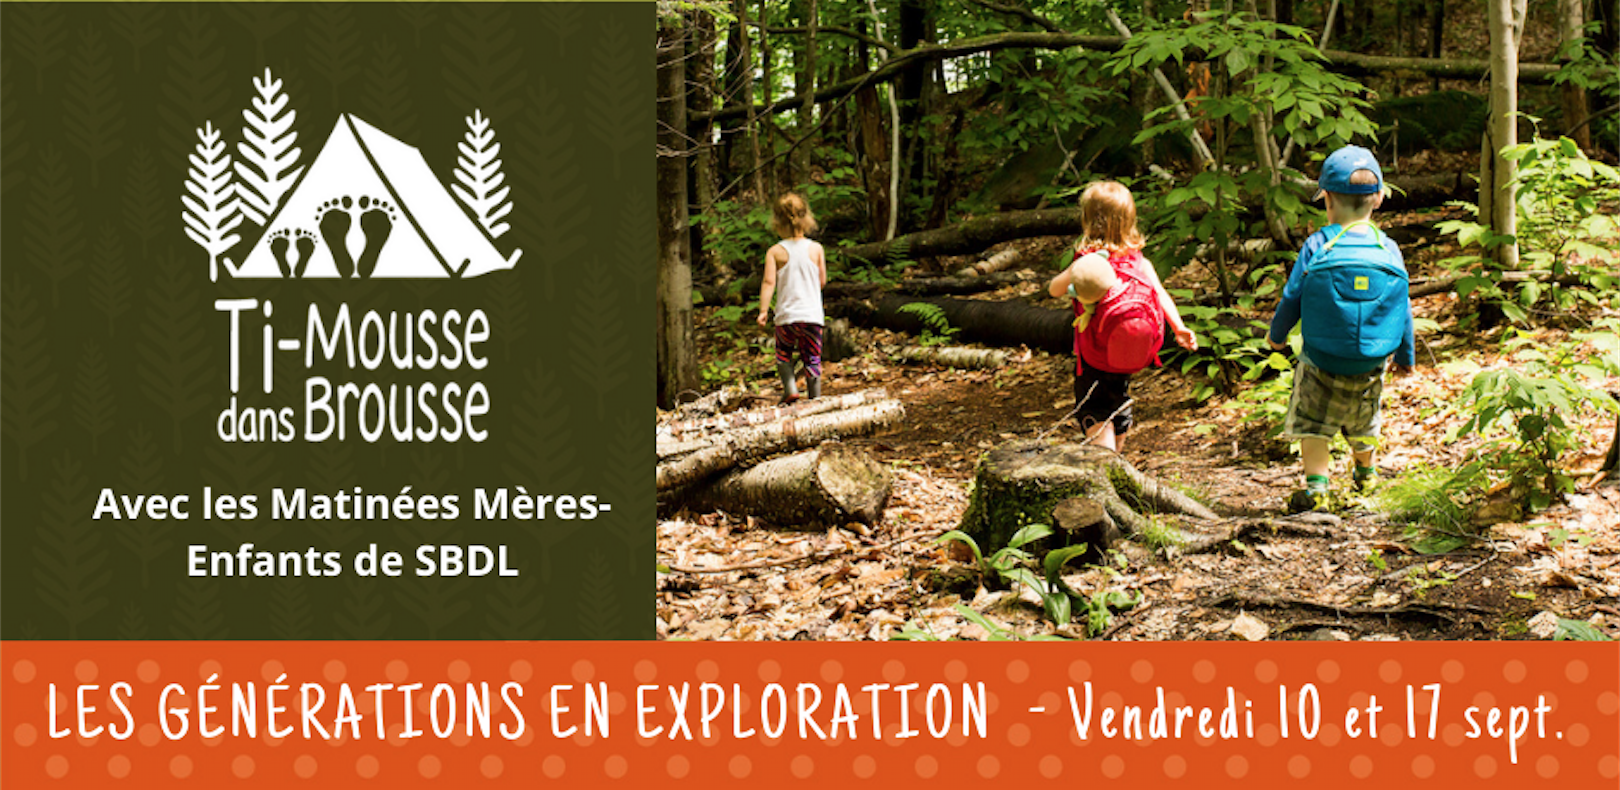 Club d'exploration à Sainte-Brigitte-de-Laval, Balade 1 Sentier des Dunes